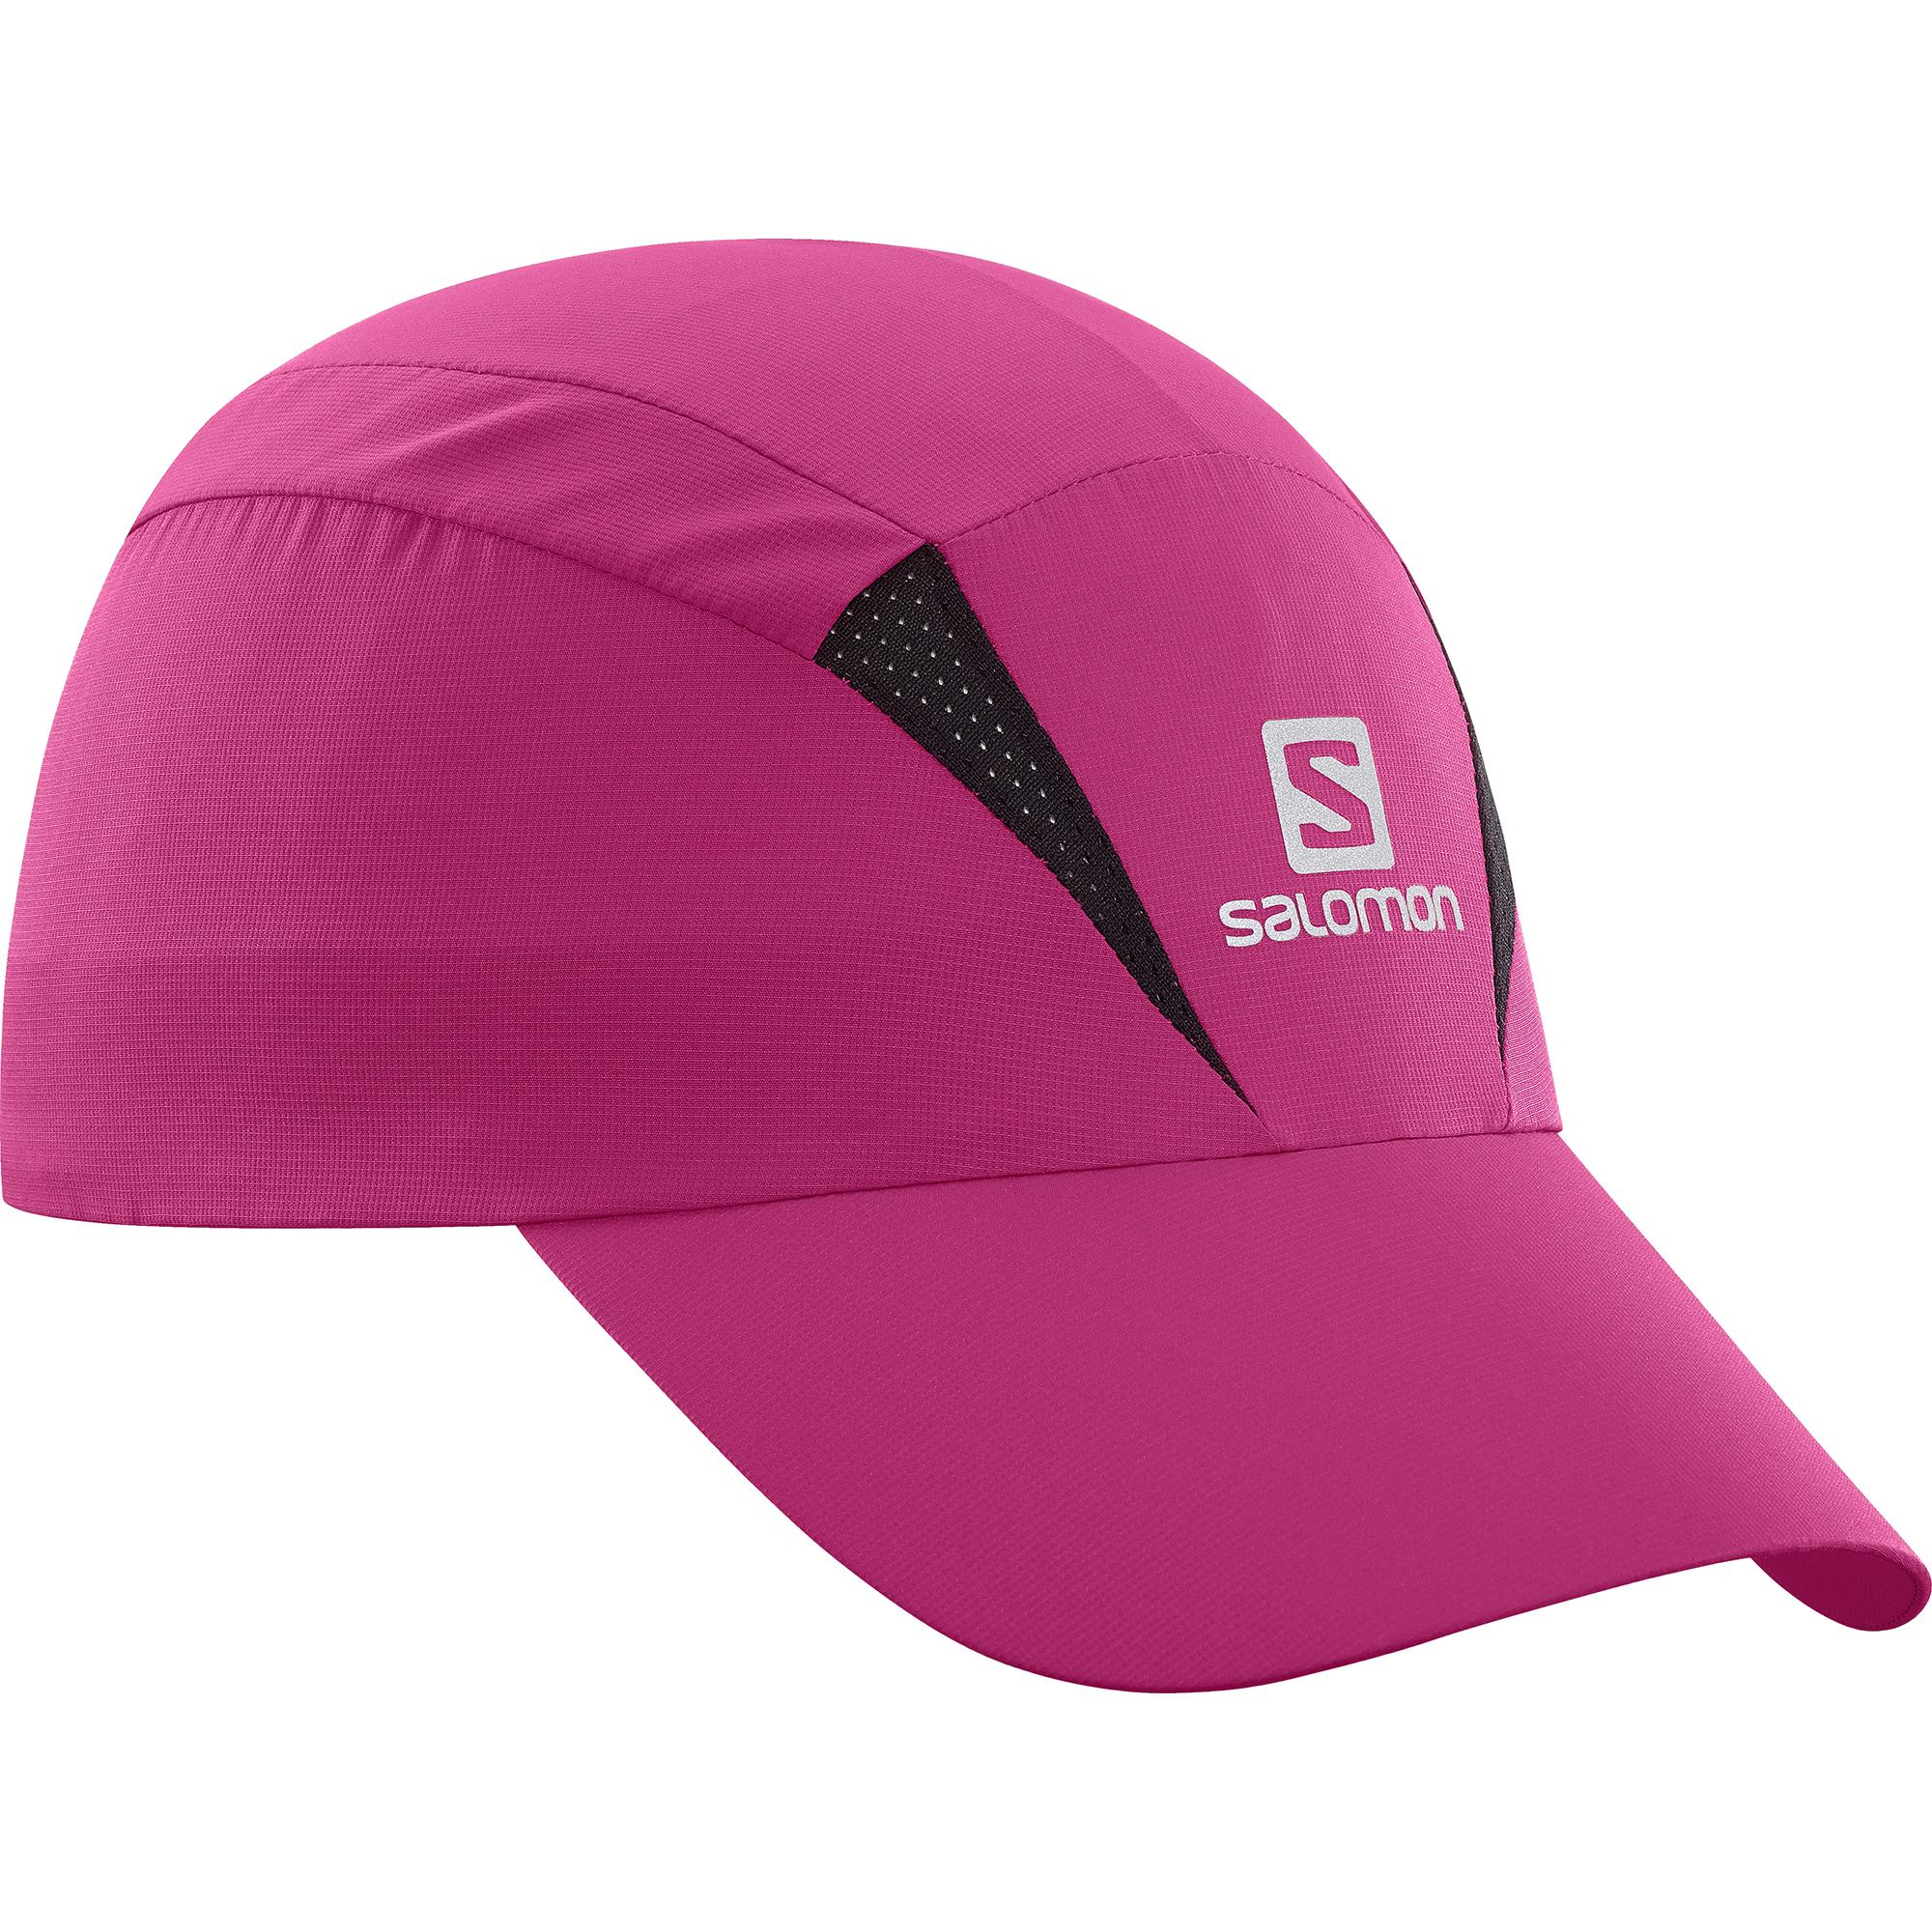 Купить Кепка SALOMON 2018 CAP XA Pink Yarrow Головные уборы, шарфы 1400256